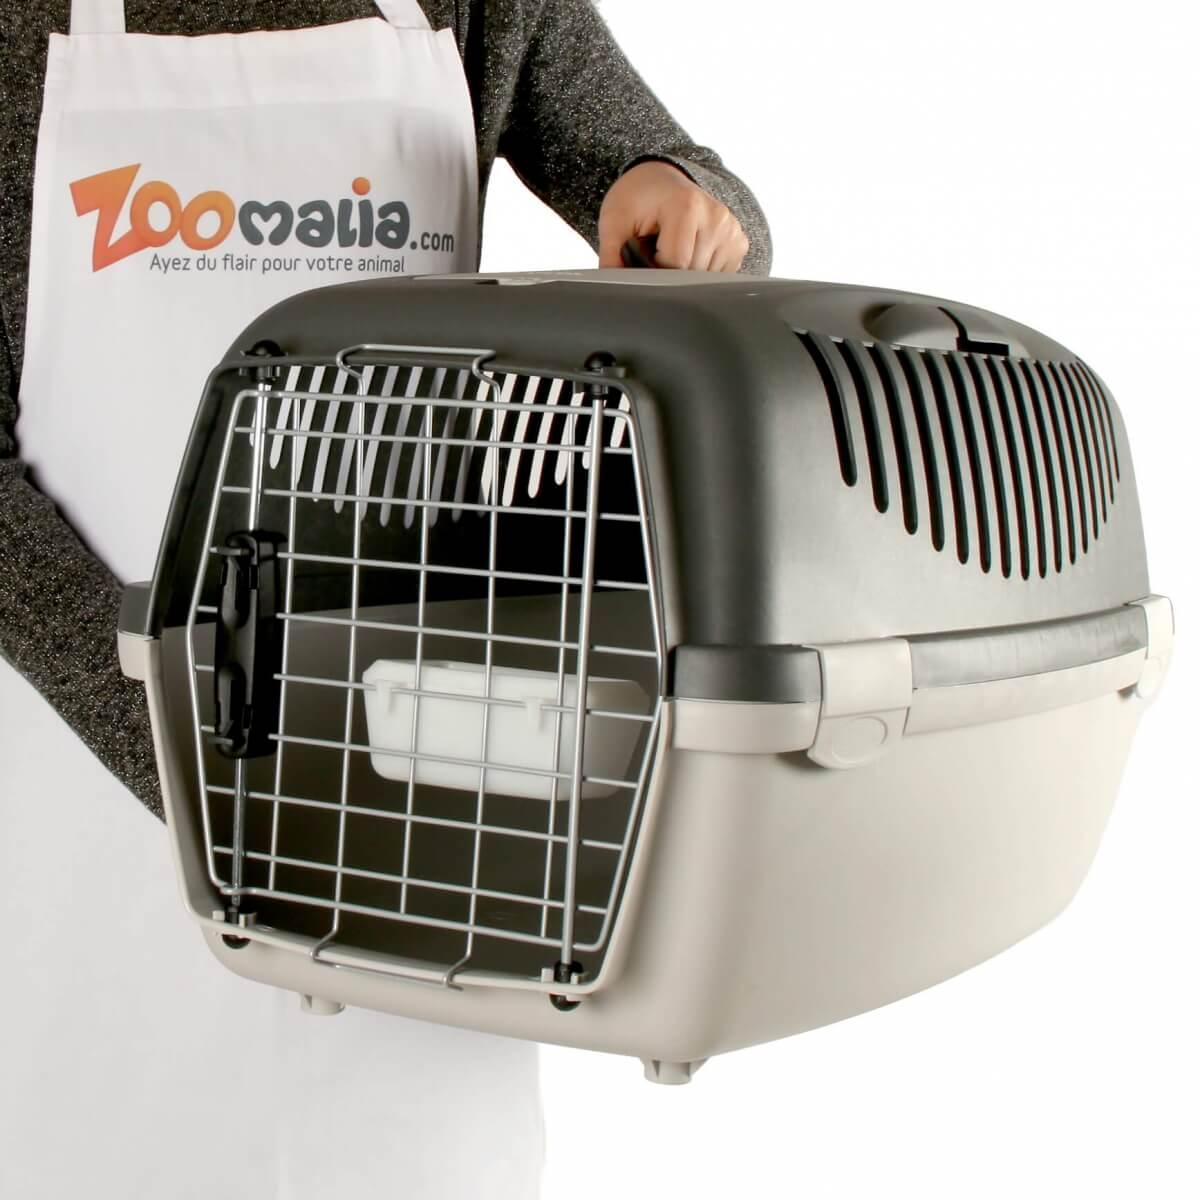 transportbox gulliver 3 f r hund und katze transportk fige. Black Bedroom Furniture Sets. Home Design Ideas